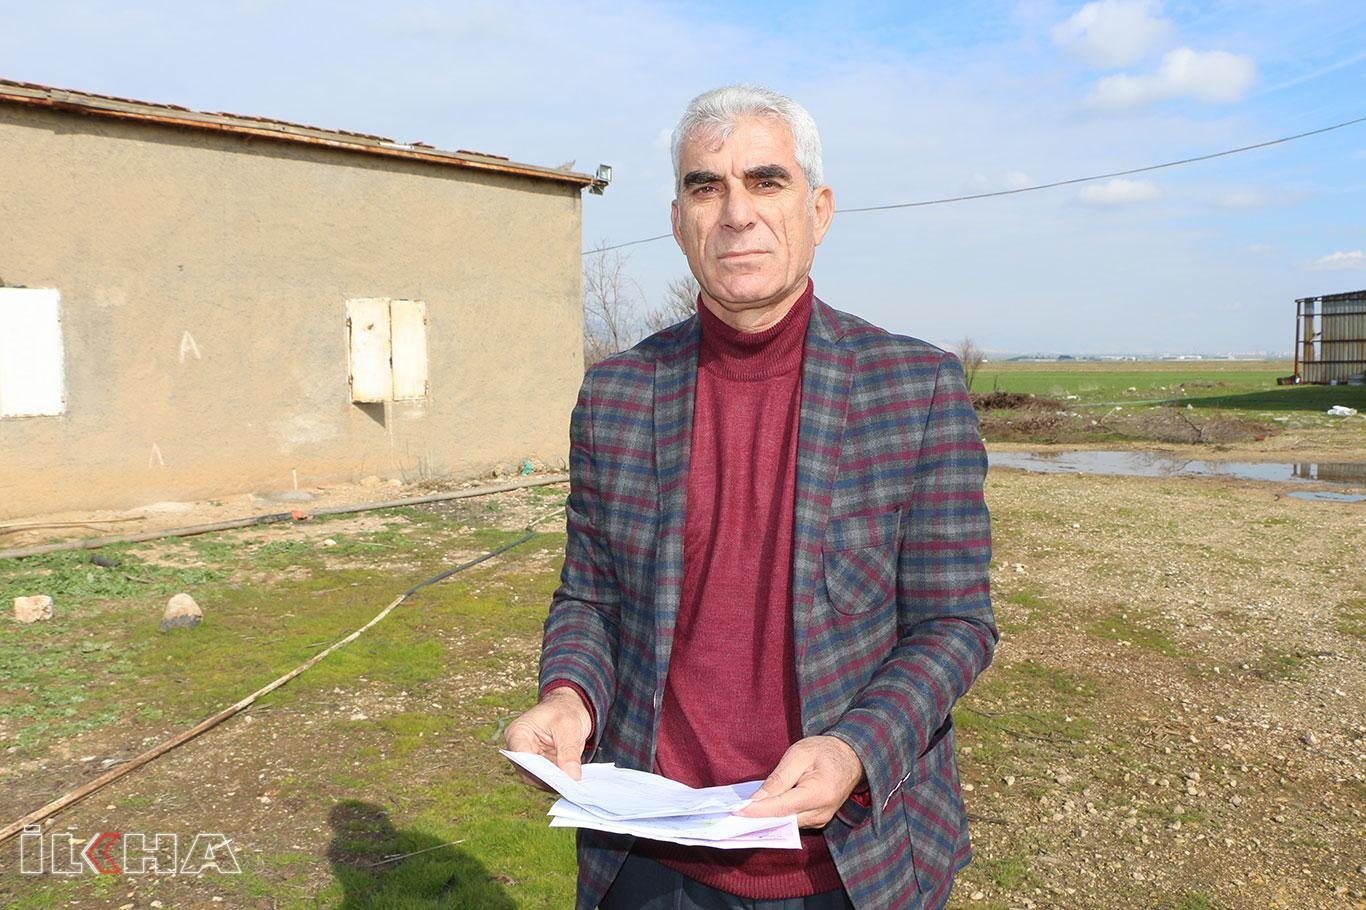 VİDEO HABER – Çiftçilerin tarım desteklemelerine el koydu iddiası